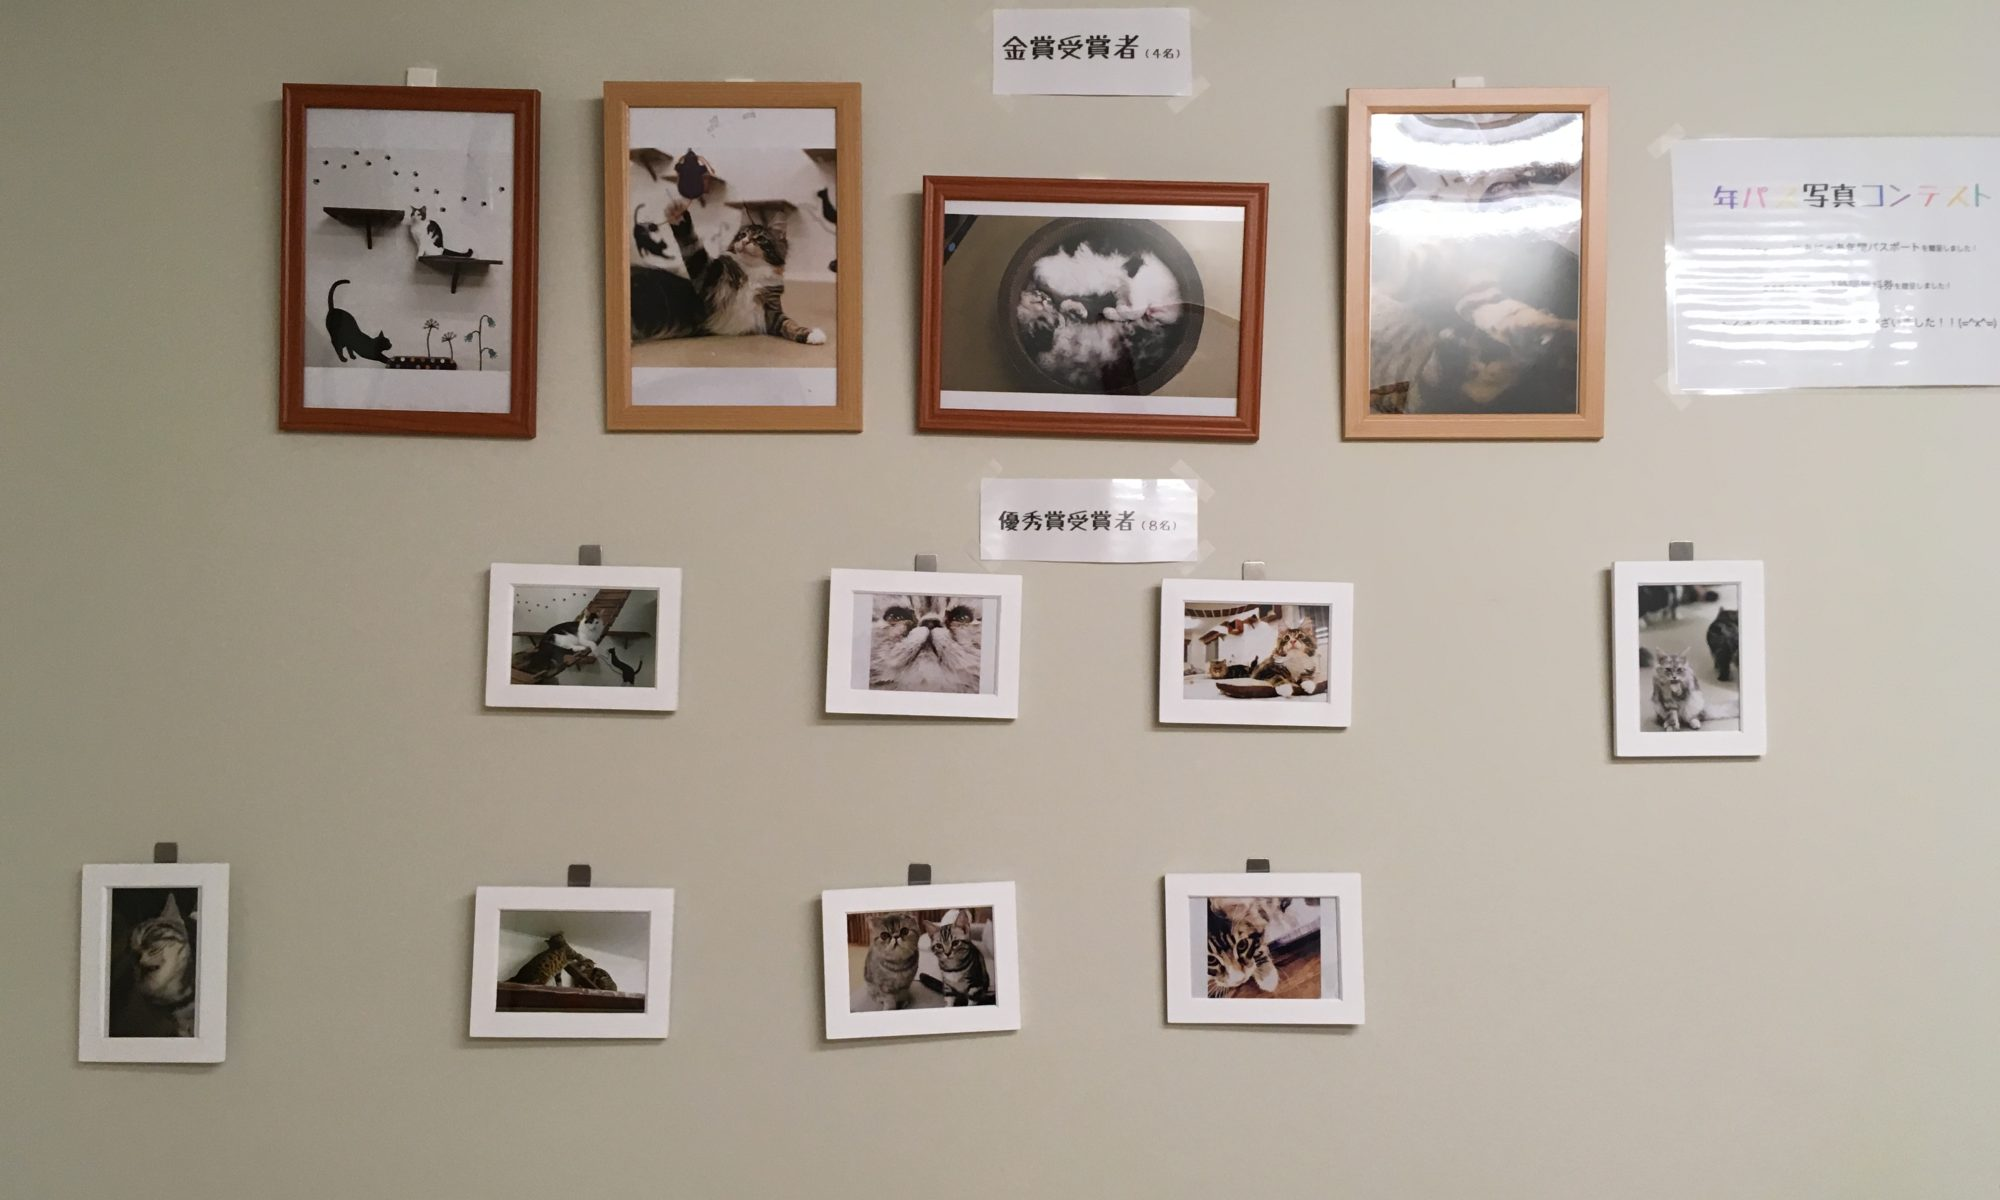 大阪梅田の猫カフェにあにゃあ写真コンテスト作品